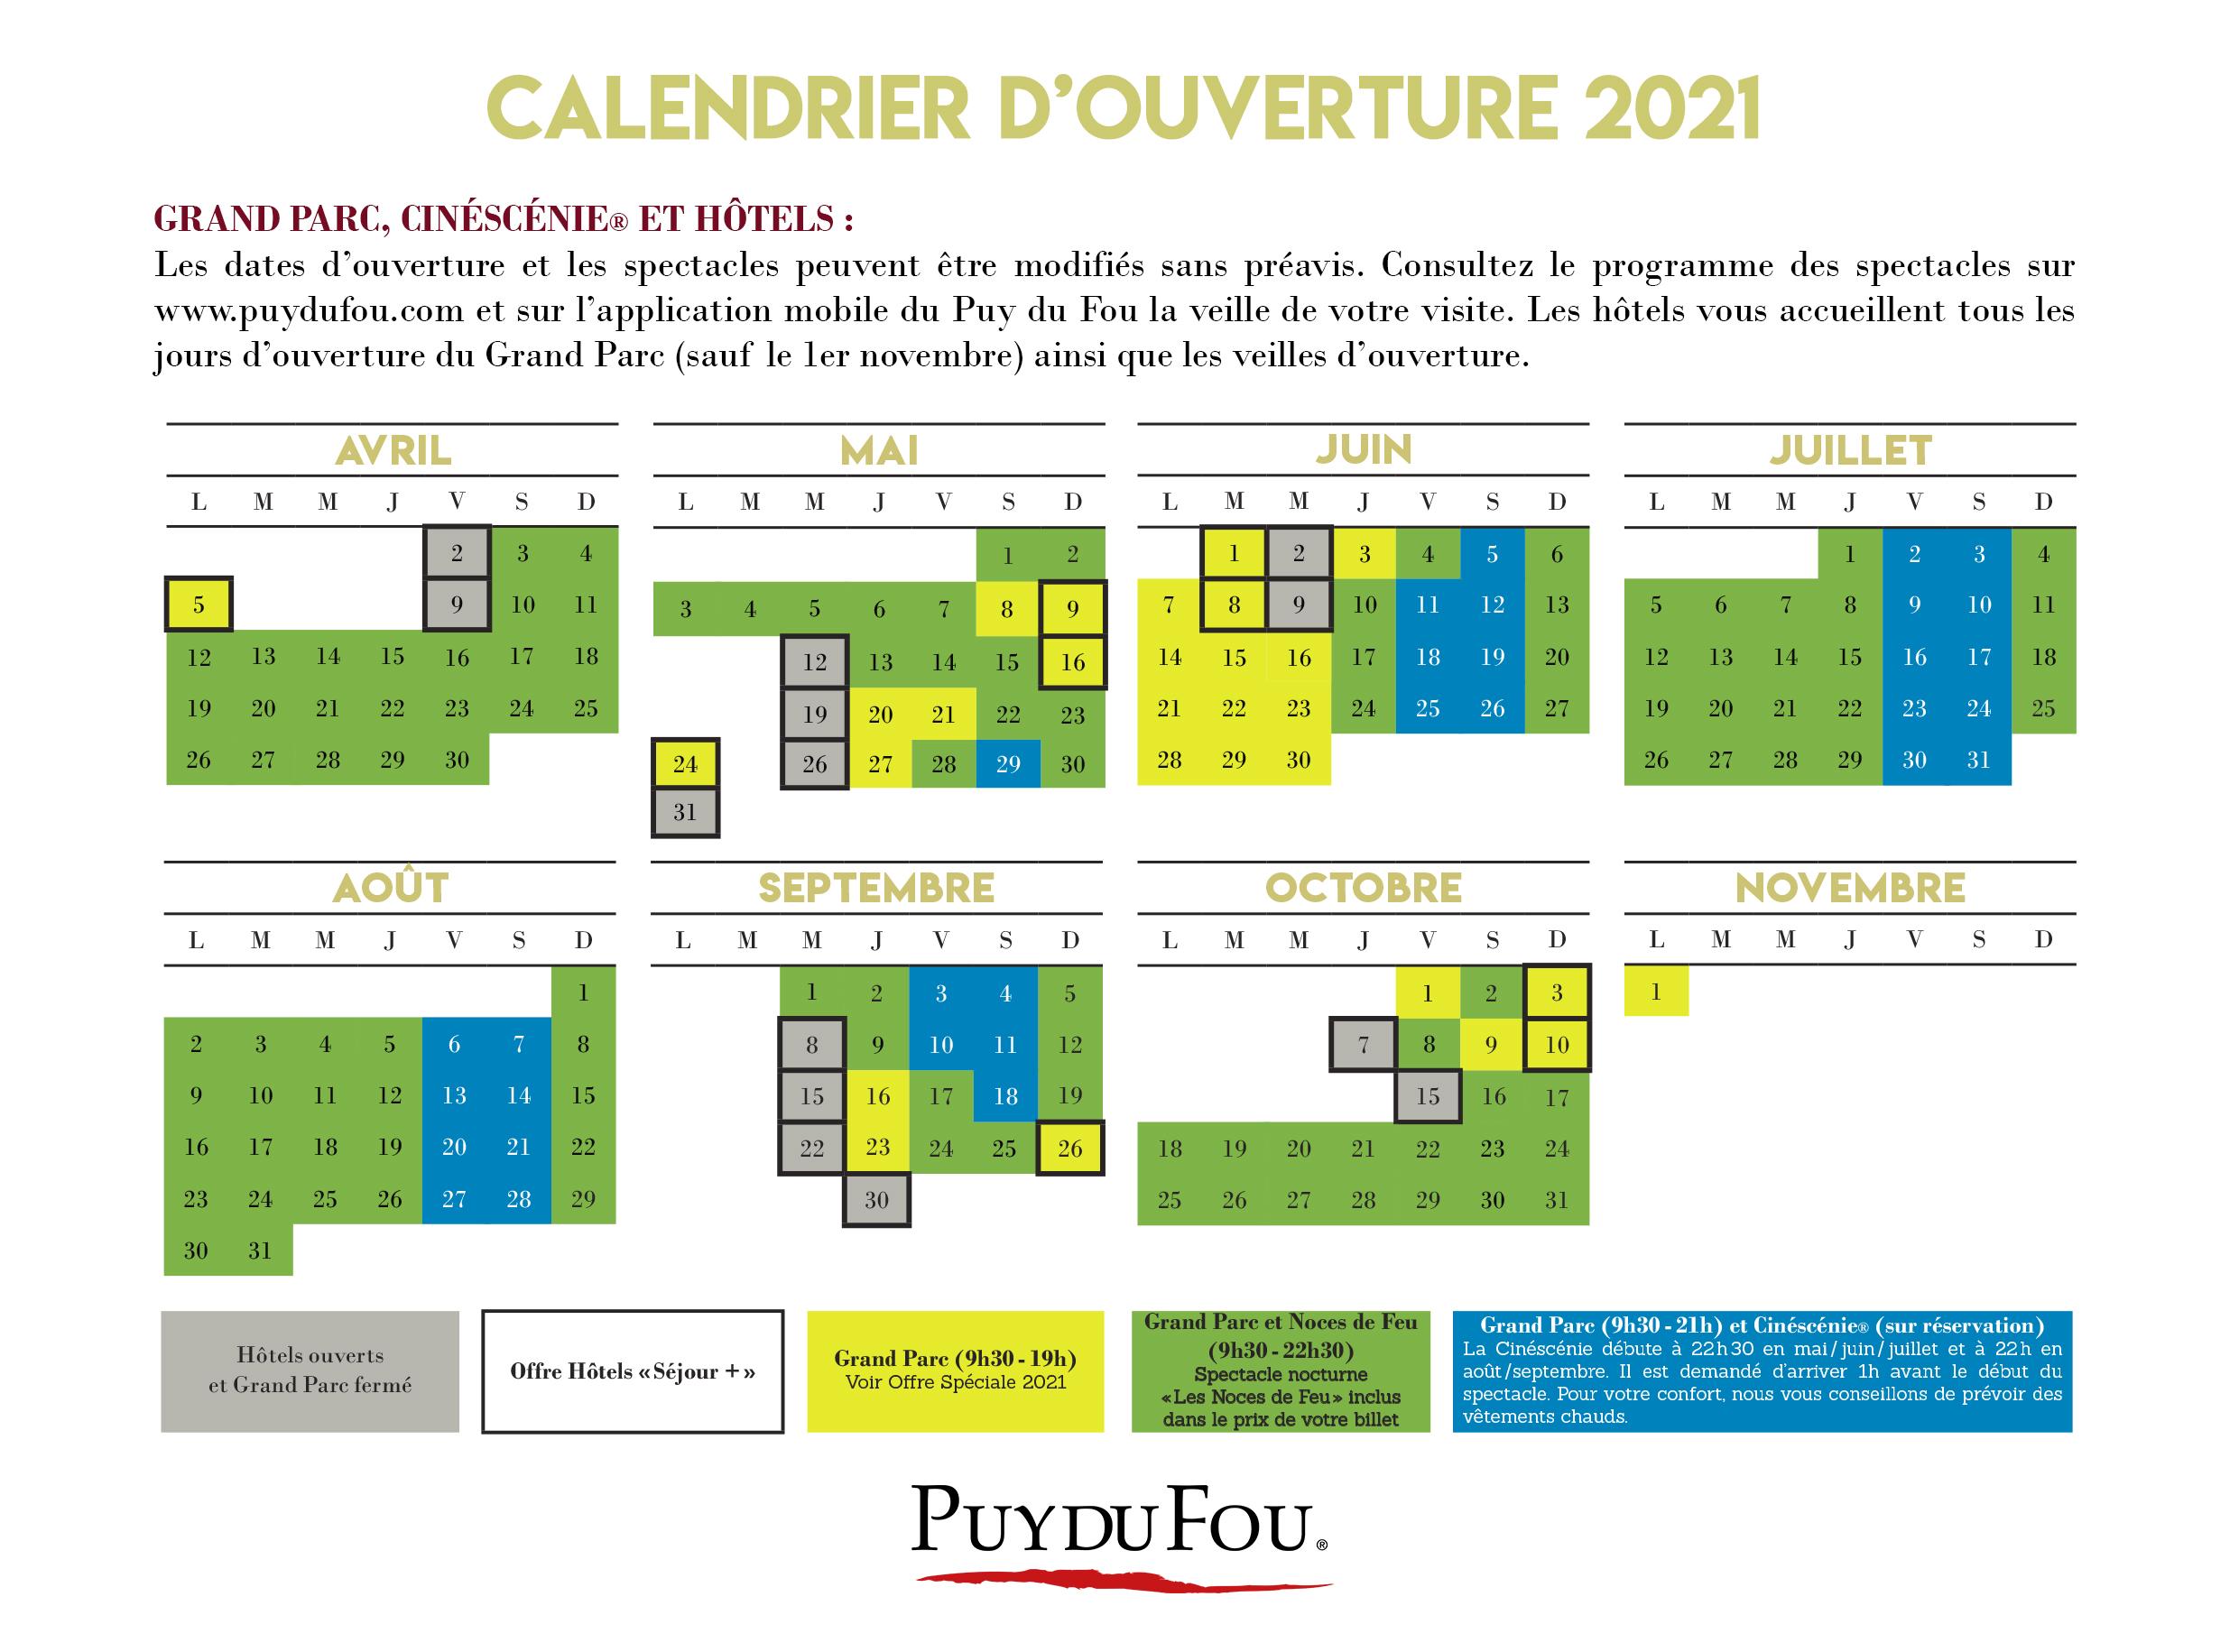 Calendrier 2021 Puy Du Fou 2021 Season | Puy du Fou